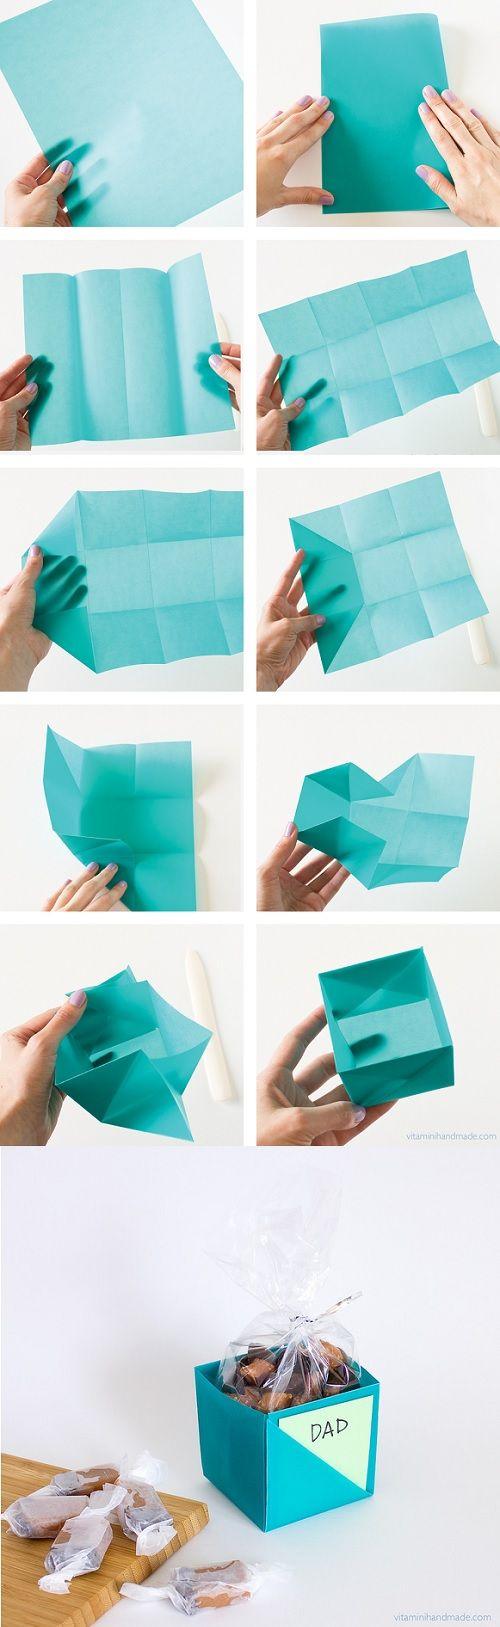 Para Dia Dos Pais! #Origami #Caixa #DIY